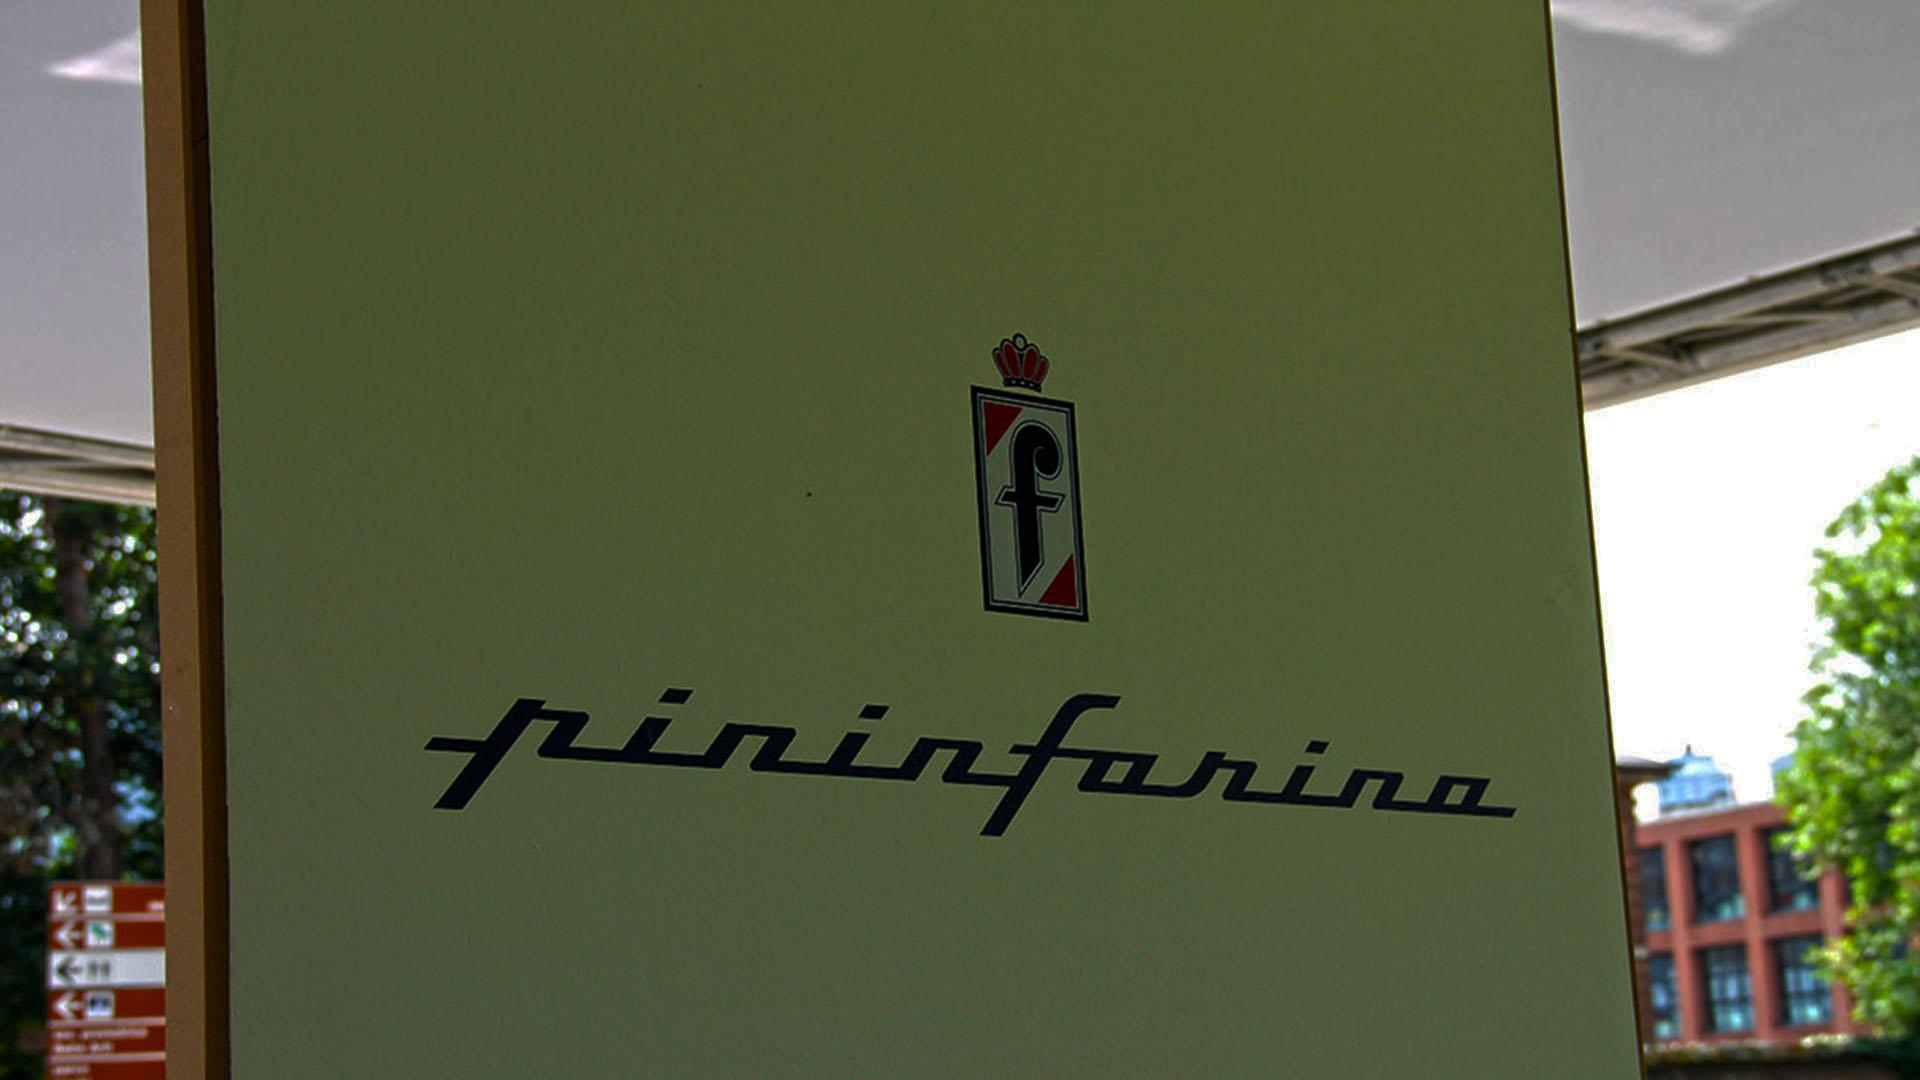 fabio-filippini-pininfarina